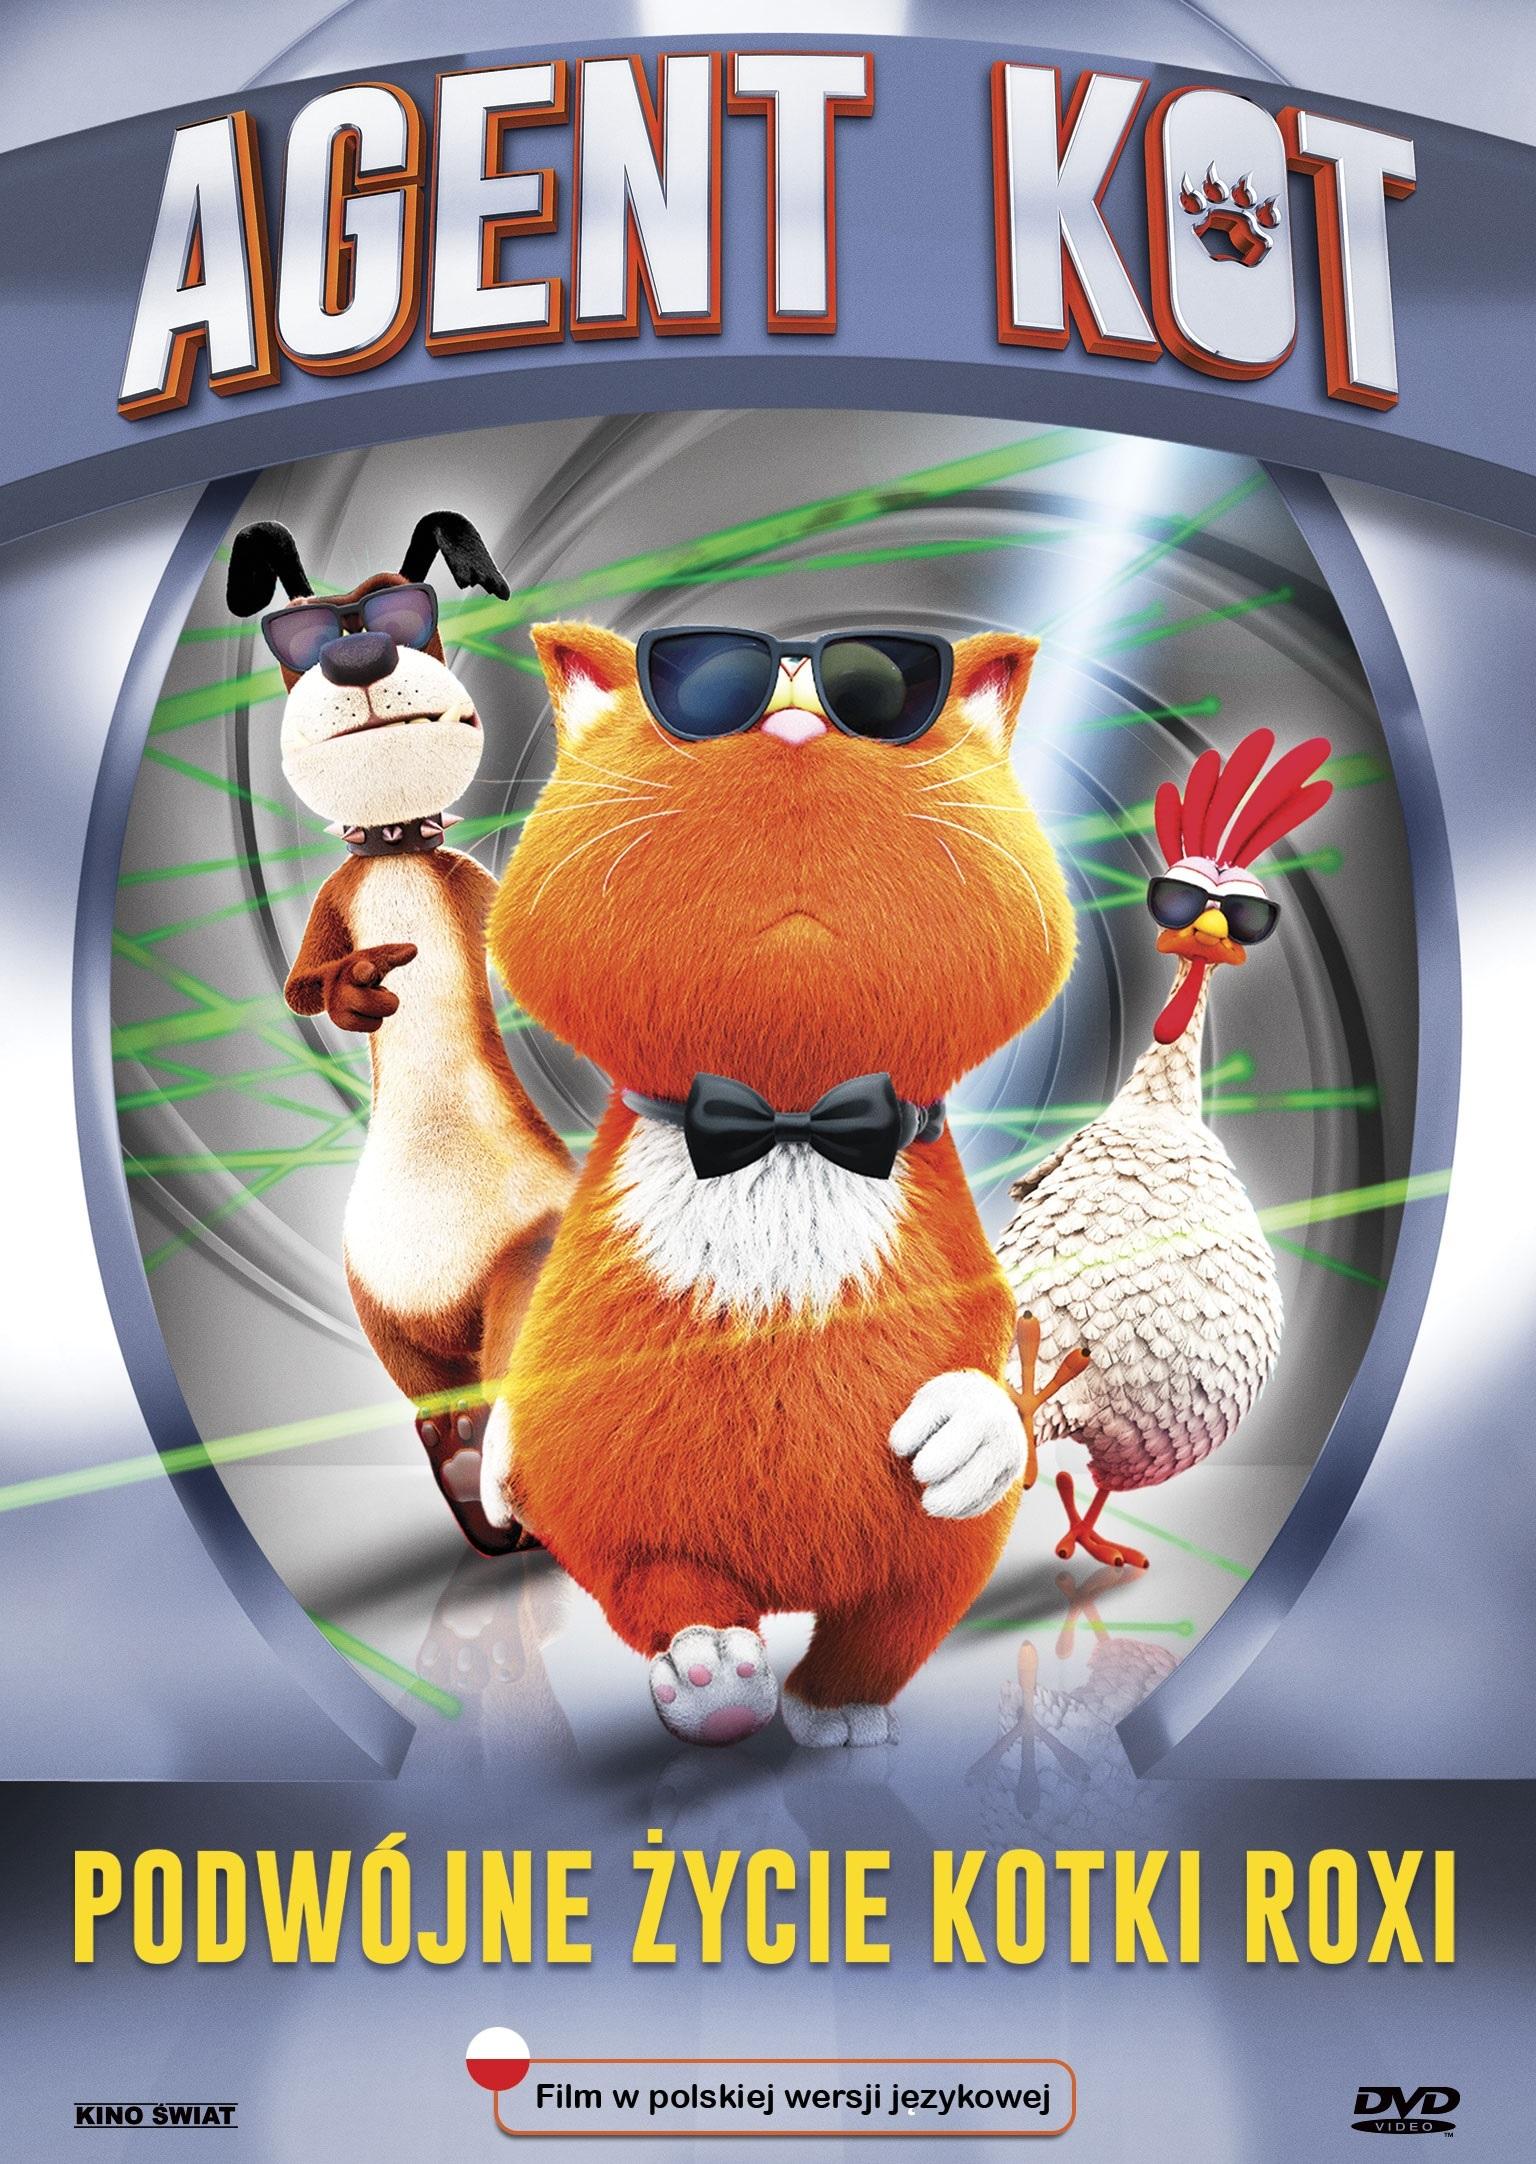 Kotka Roxi na tropie szajki złodziei w animacji Agent Kot na DVD od 24 października!